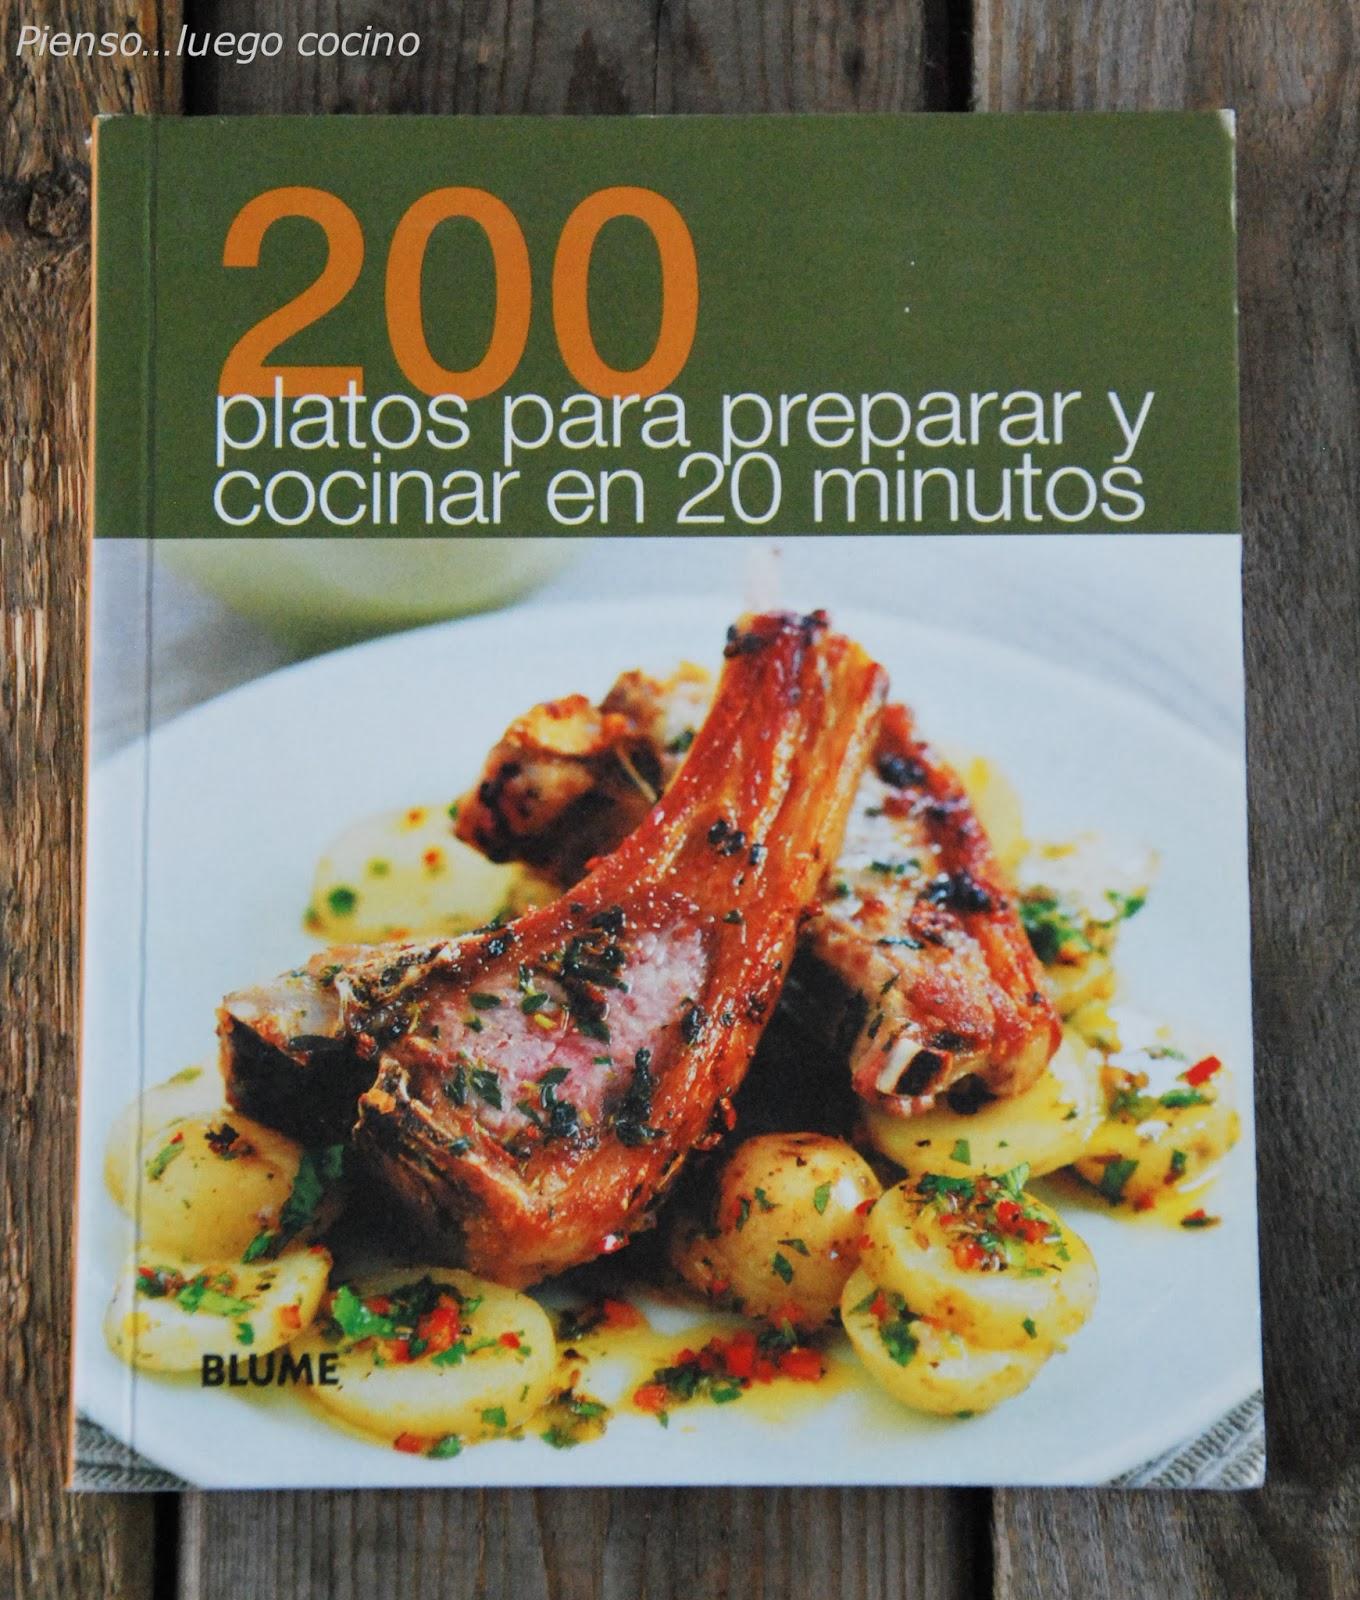 Pienso luego cocino 200 platos para preparar y cocinar - Platos faciles para cocinar ...